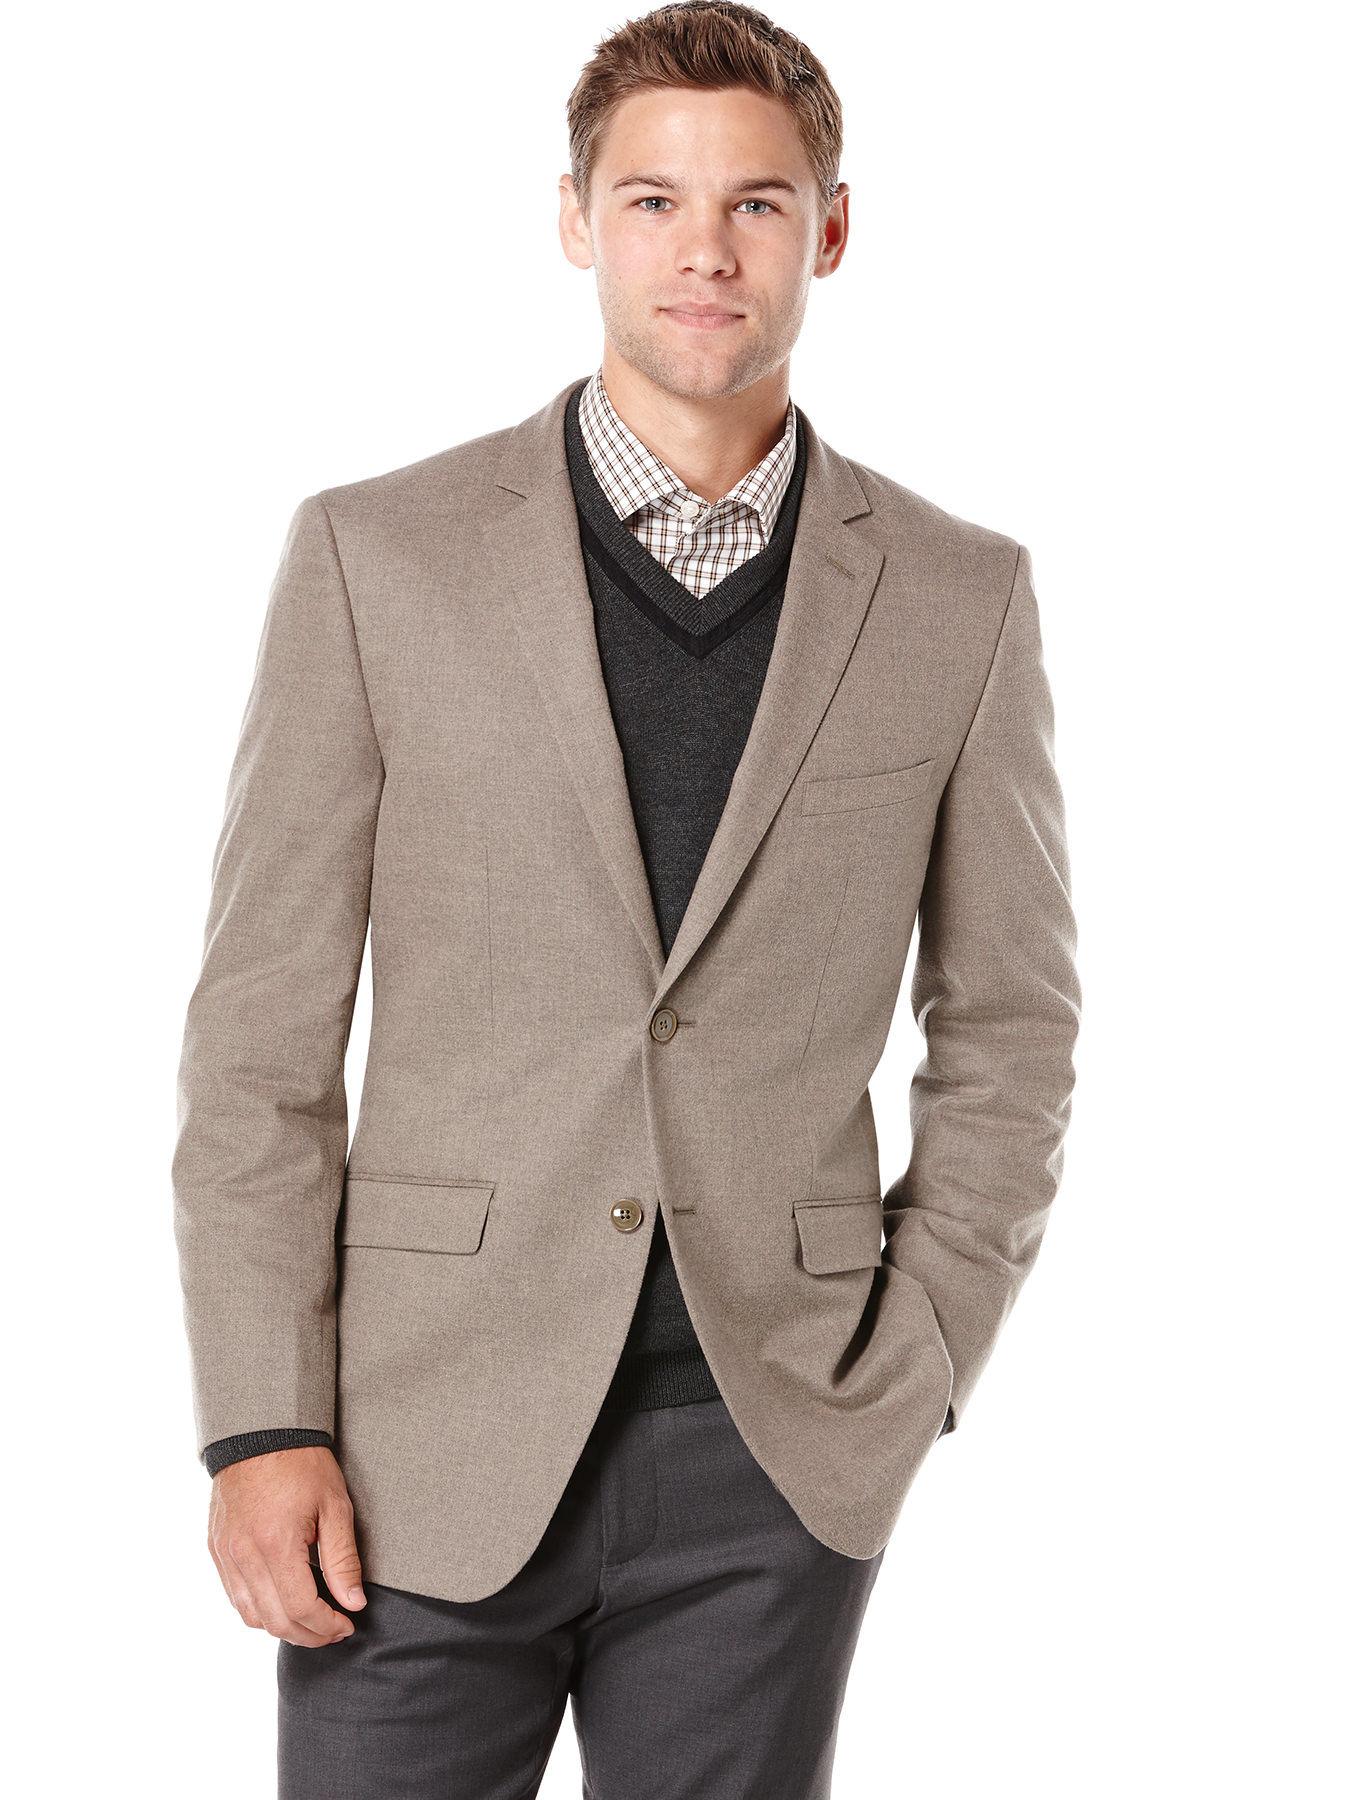 Perry Ellis Slim Fit Tan Sportcoat Jacket In Brown For Men